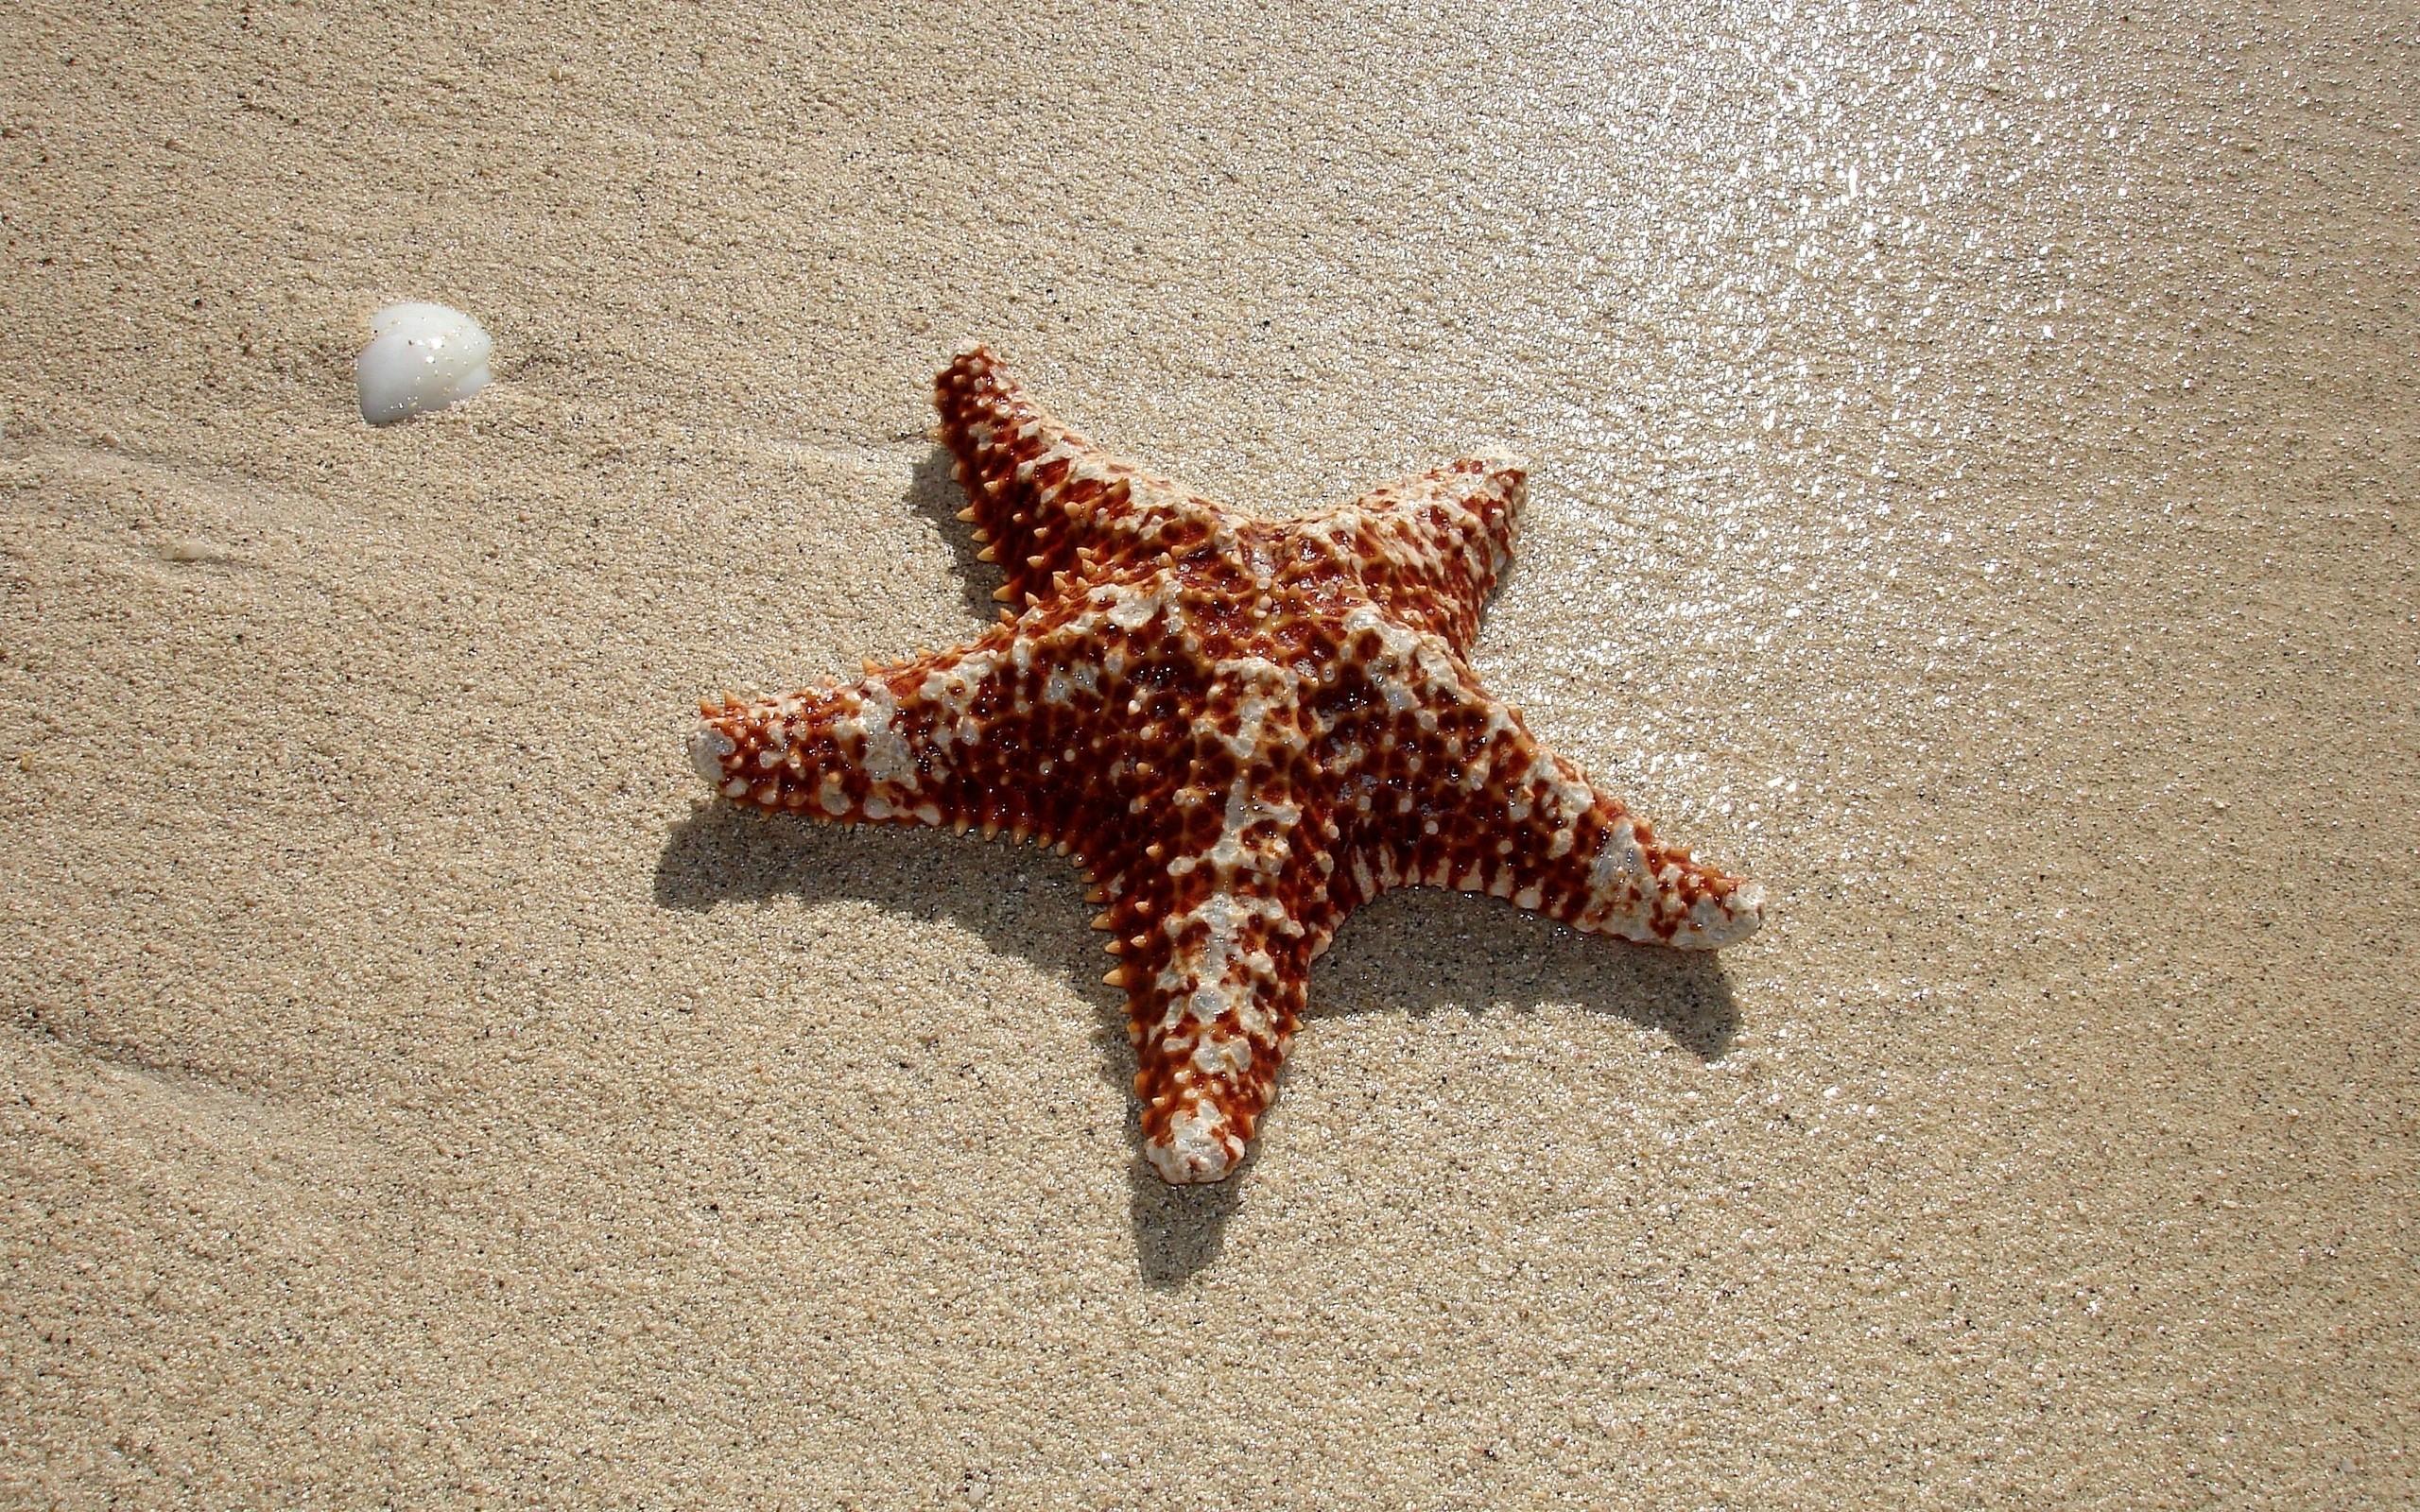 Estrellas de mar en playas - 2560x1600